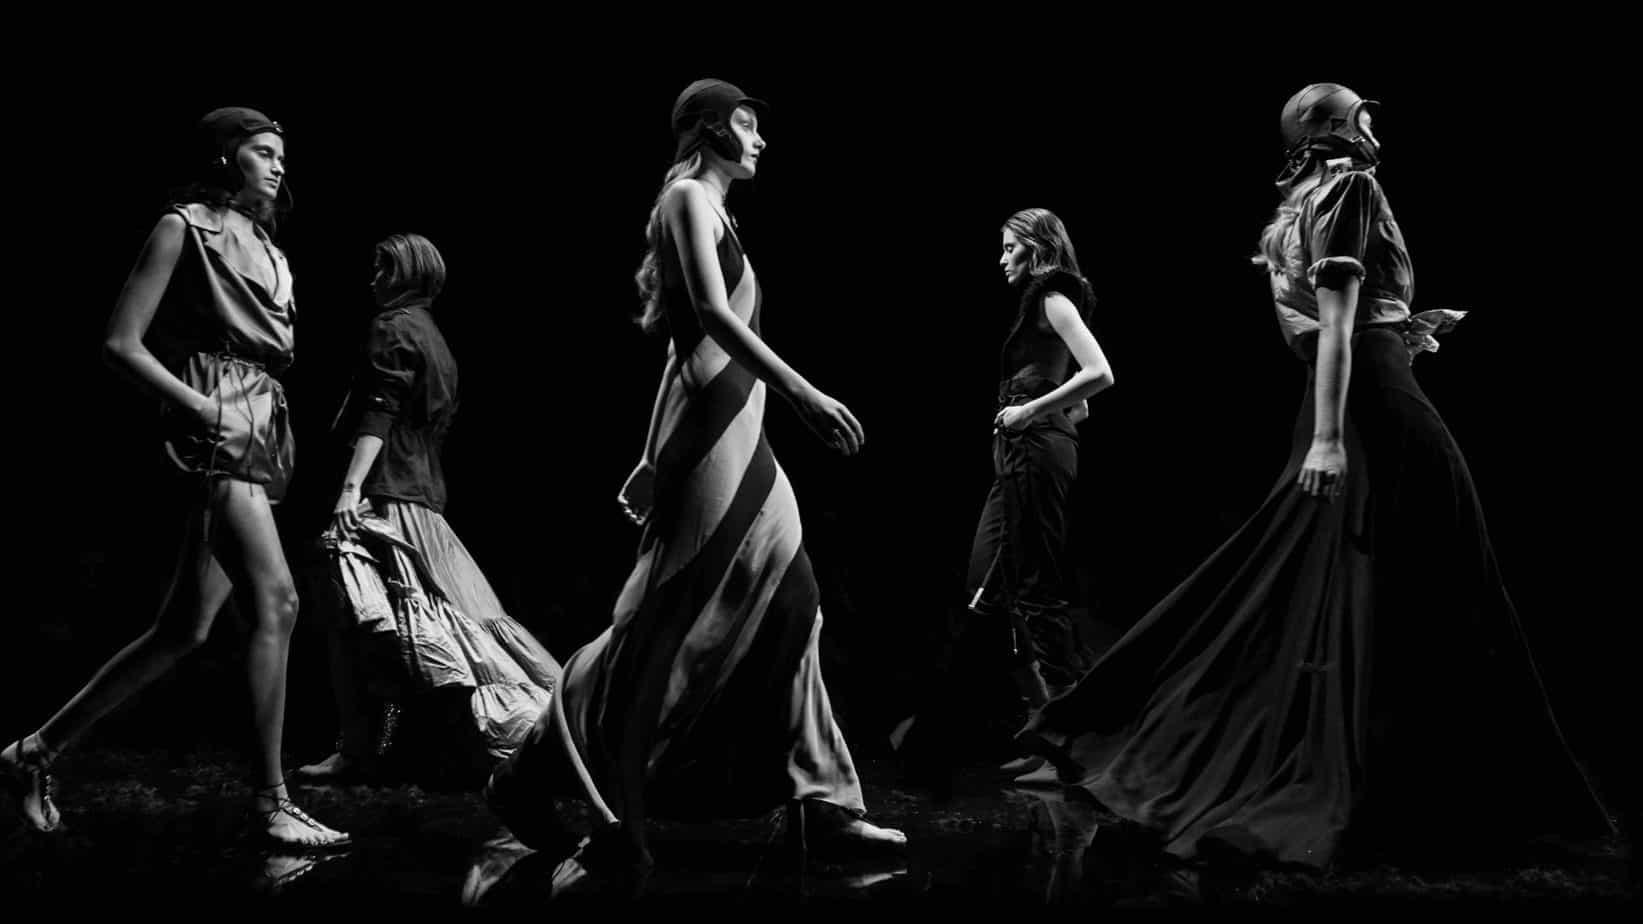 ויוי בלאיש. שבוע האופנה תל אביב 2019. צילום עינב הלפגוט - 1144